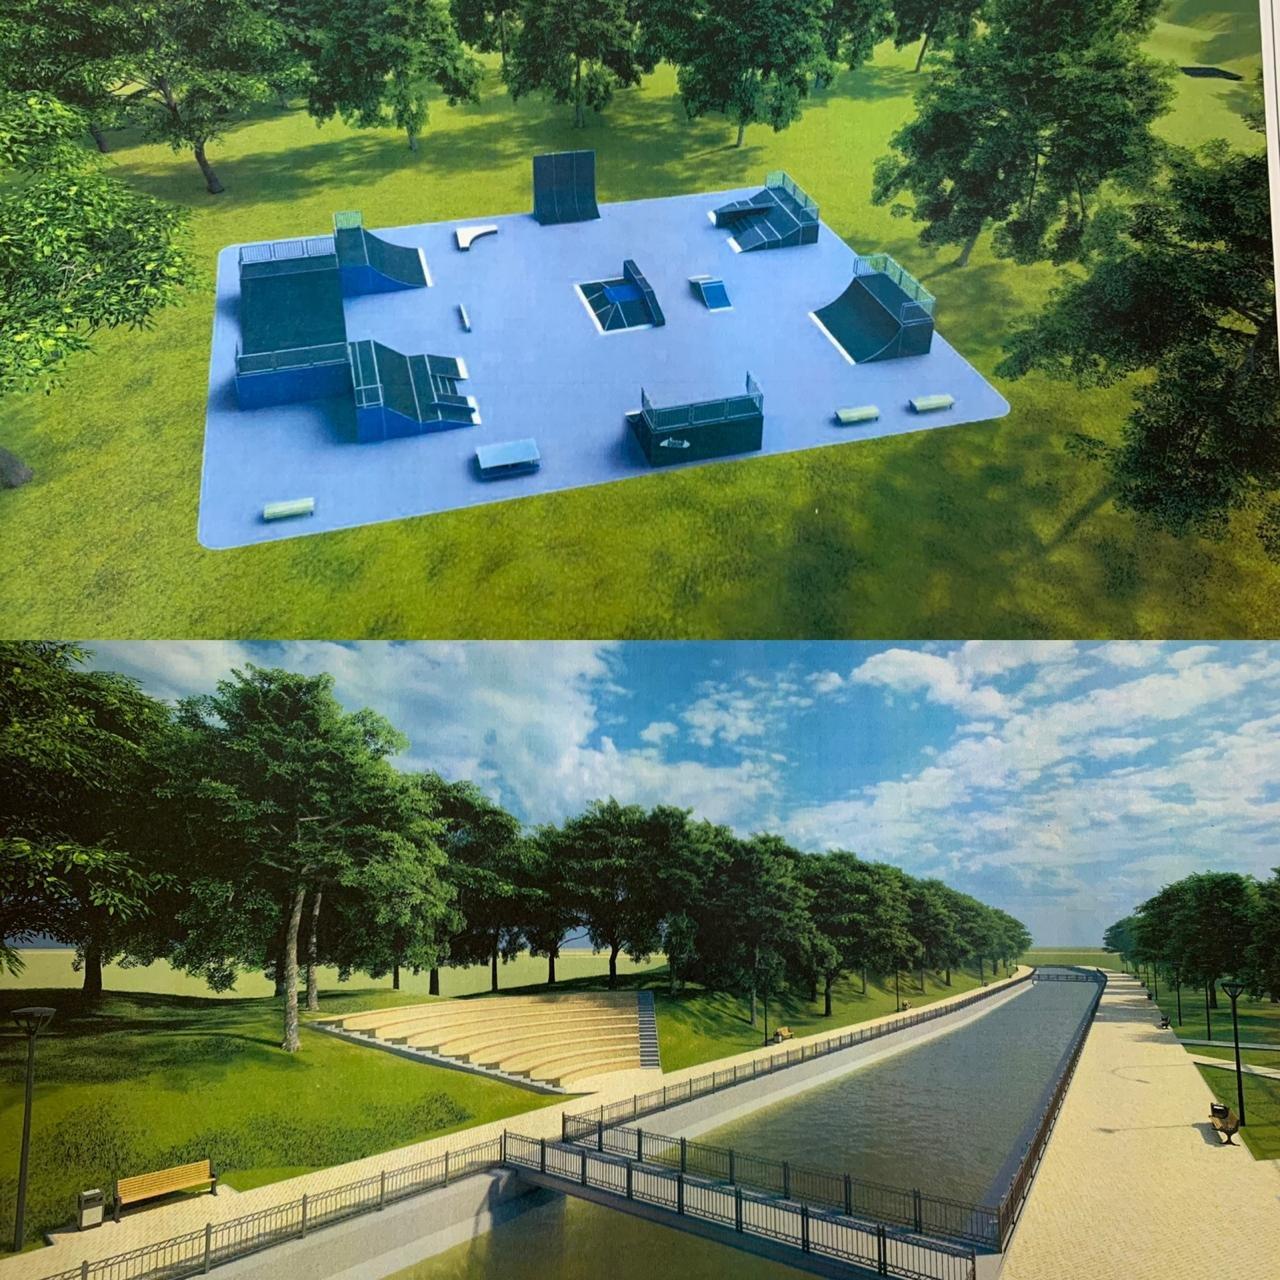 В Жетысуском районе Алматы планируют построить парковую зону вдоль набережной реки Есентай, фото-5